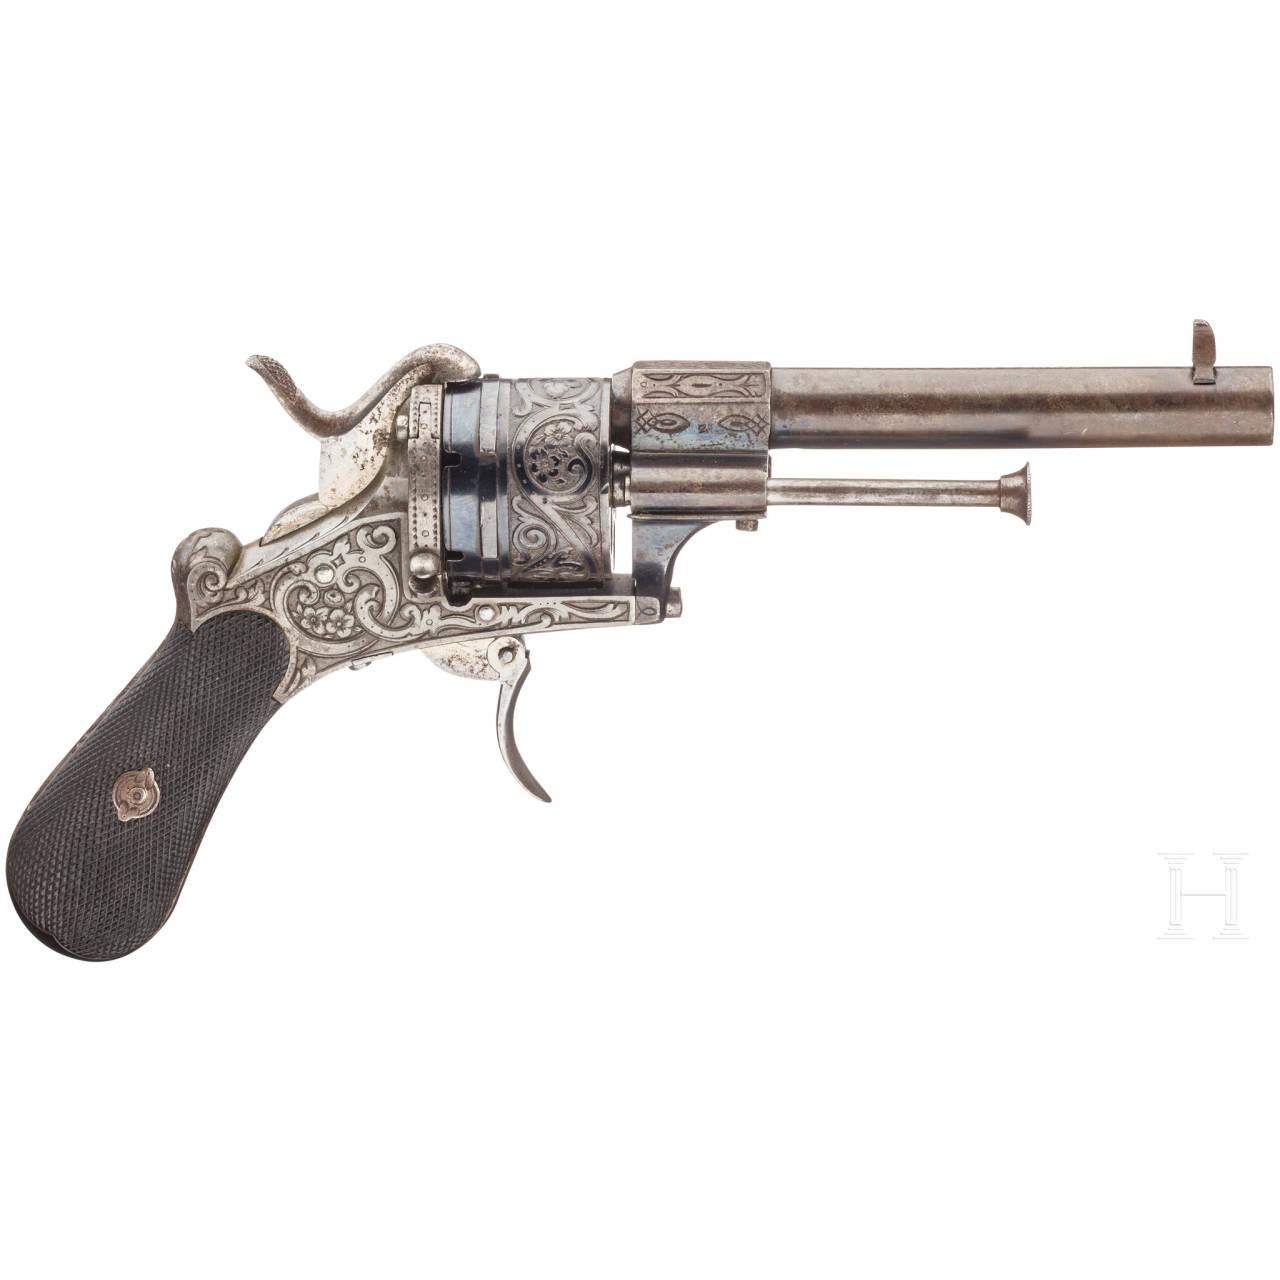 A pinfire revolver, LePage, Paris